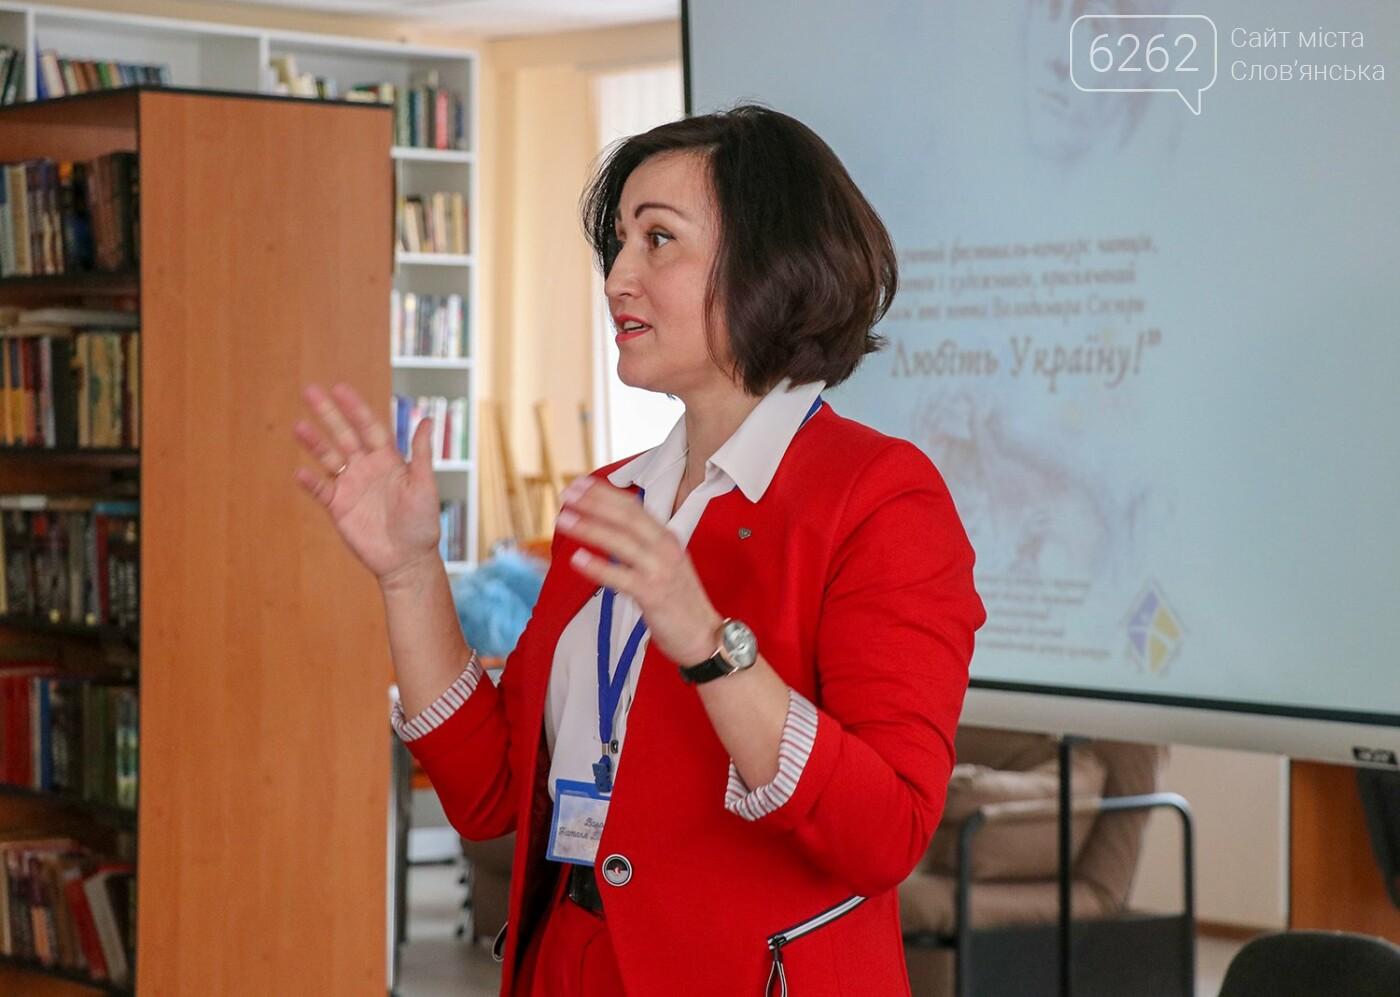 У слов'янській бібліотеці відбувся всеукраїнський фестиваль пам'яті Сосюри, фото-14